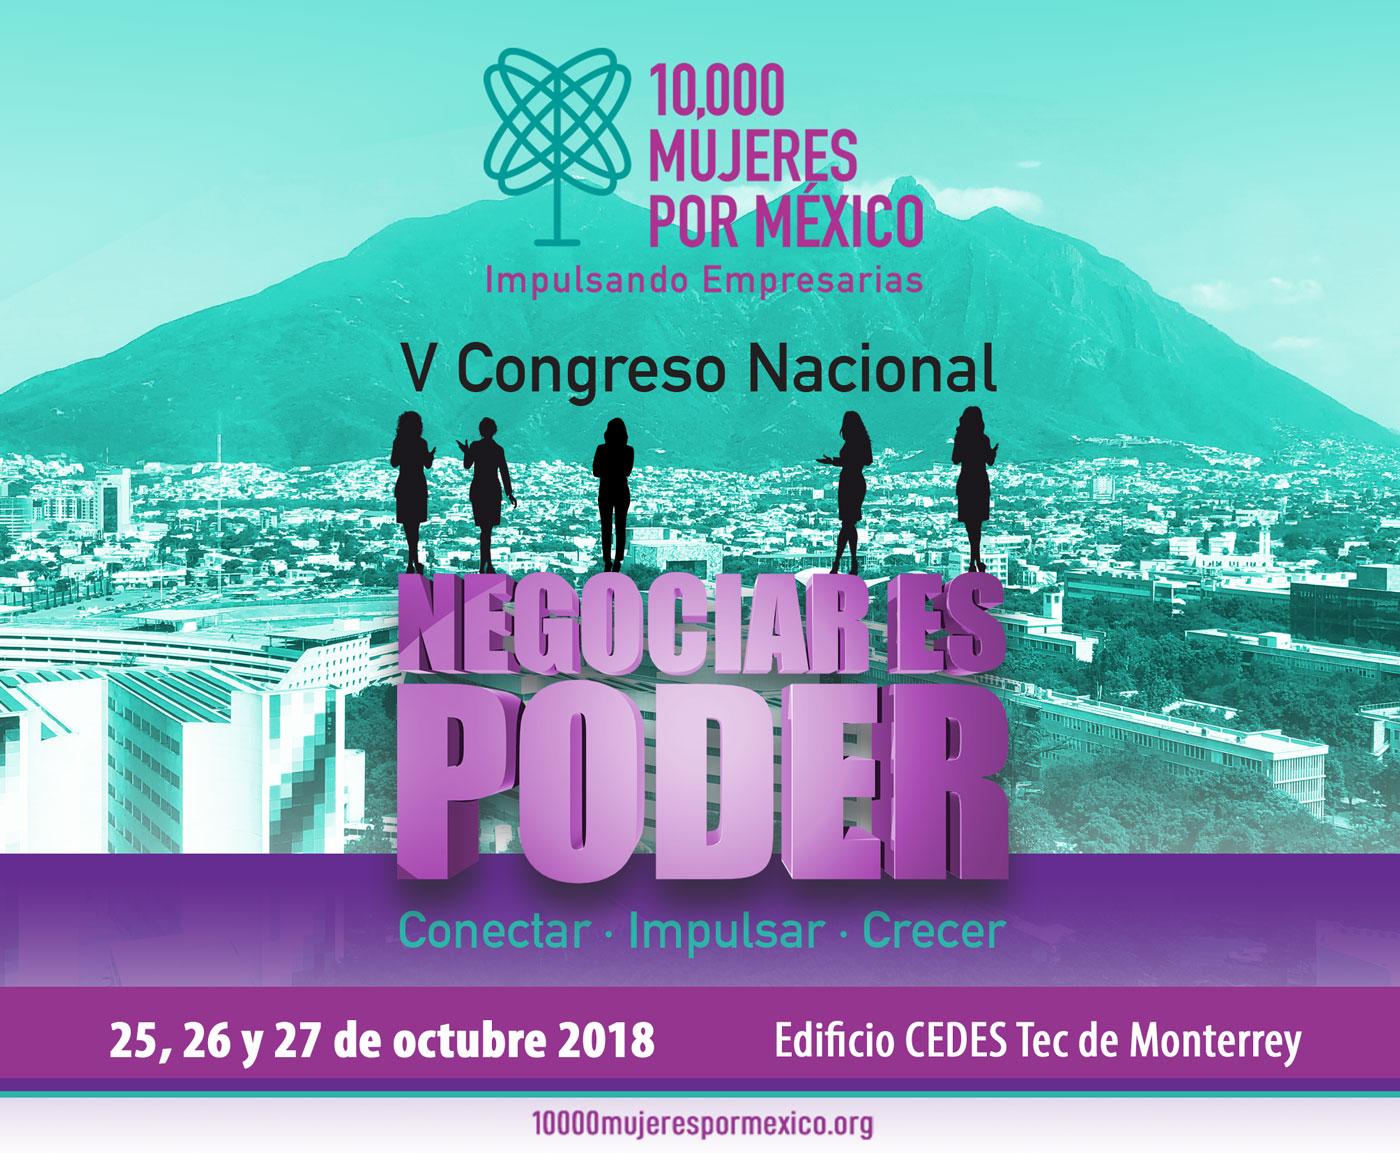 Presentacion-V-Congreso-10000-Mujeres-1